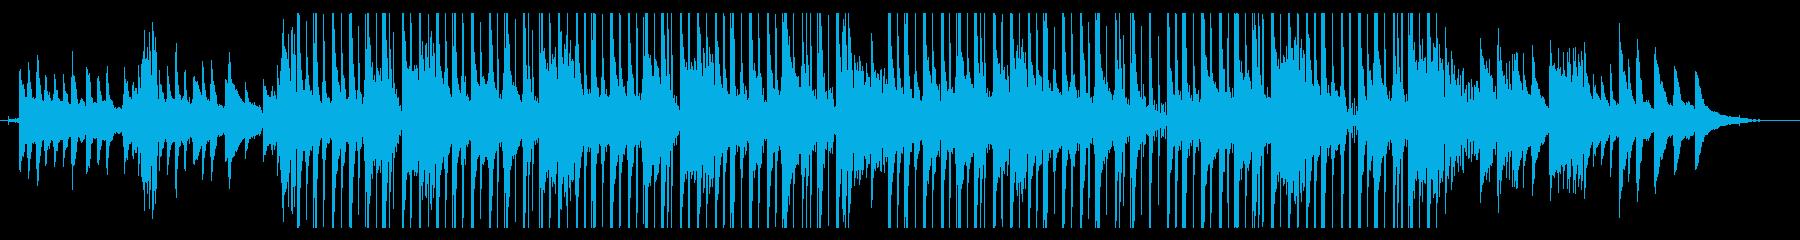 おしゃれなピアノLofi Hip Hopの再生済みの波形